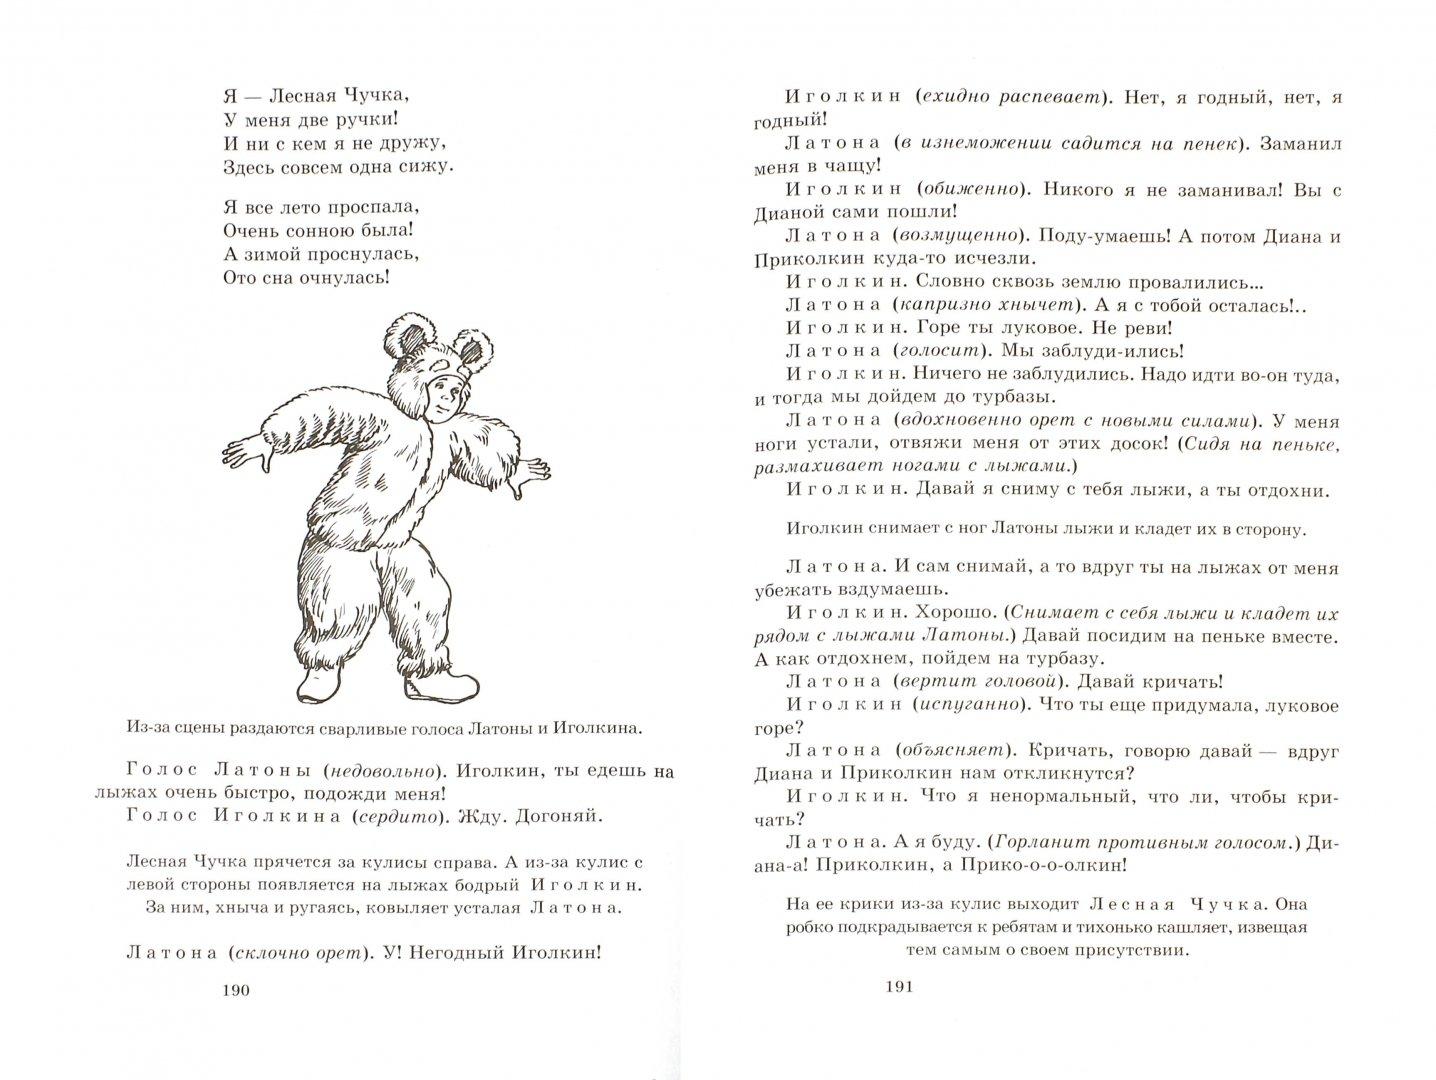 Иллюстрация 1 из 4 для Праздник в школе. Сценарии, конкурсы, викторины. Для учащихся 1 - 5 классов - Агапова, Давыдова   Лабиринт - книги. Источник: Лабиринт